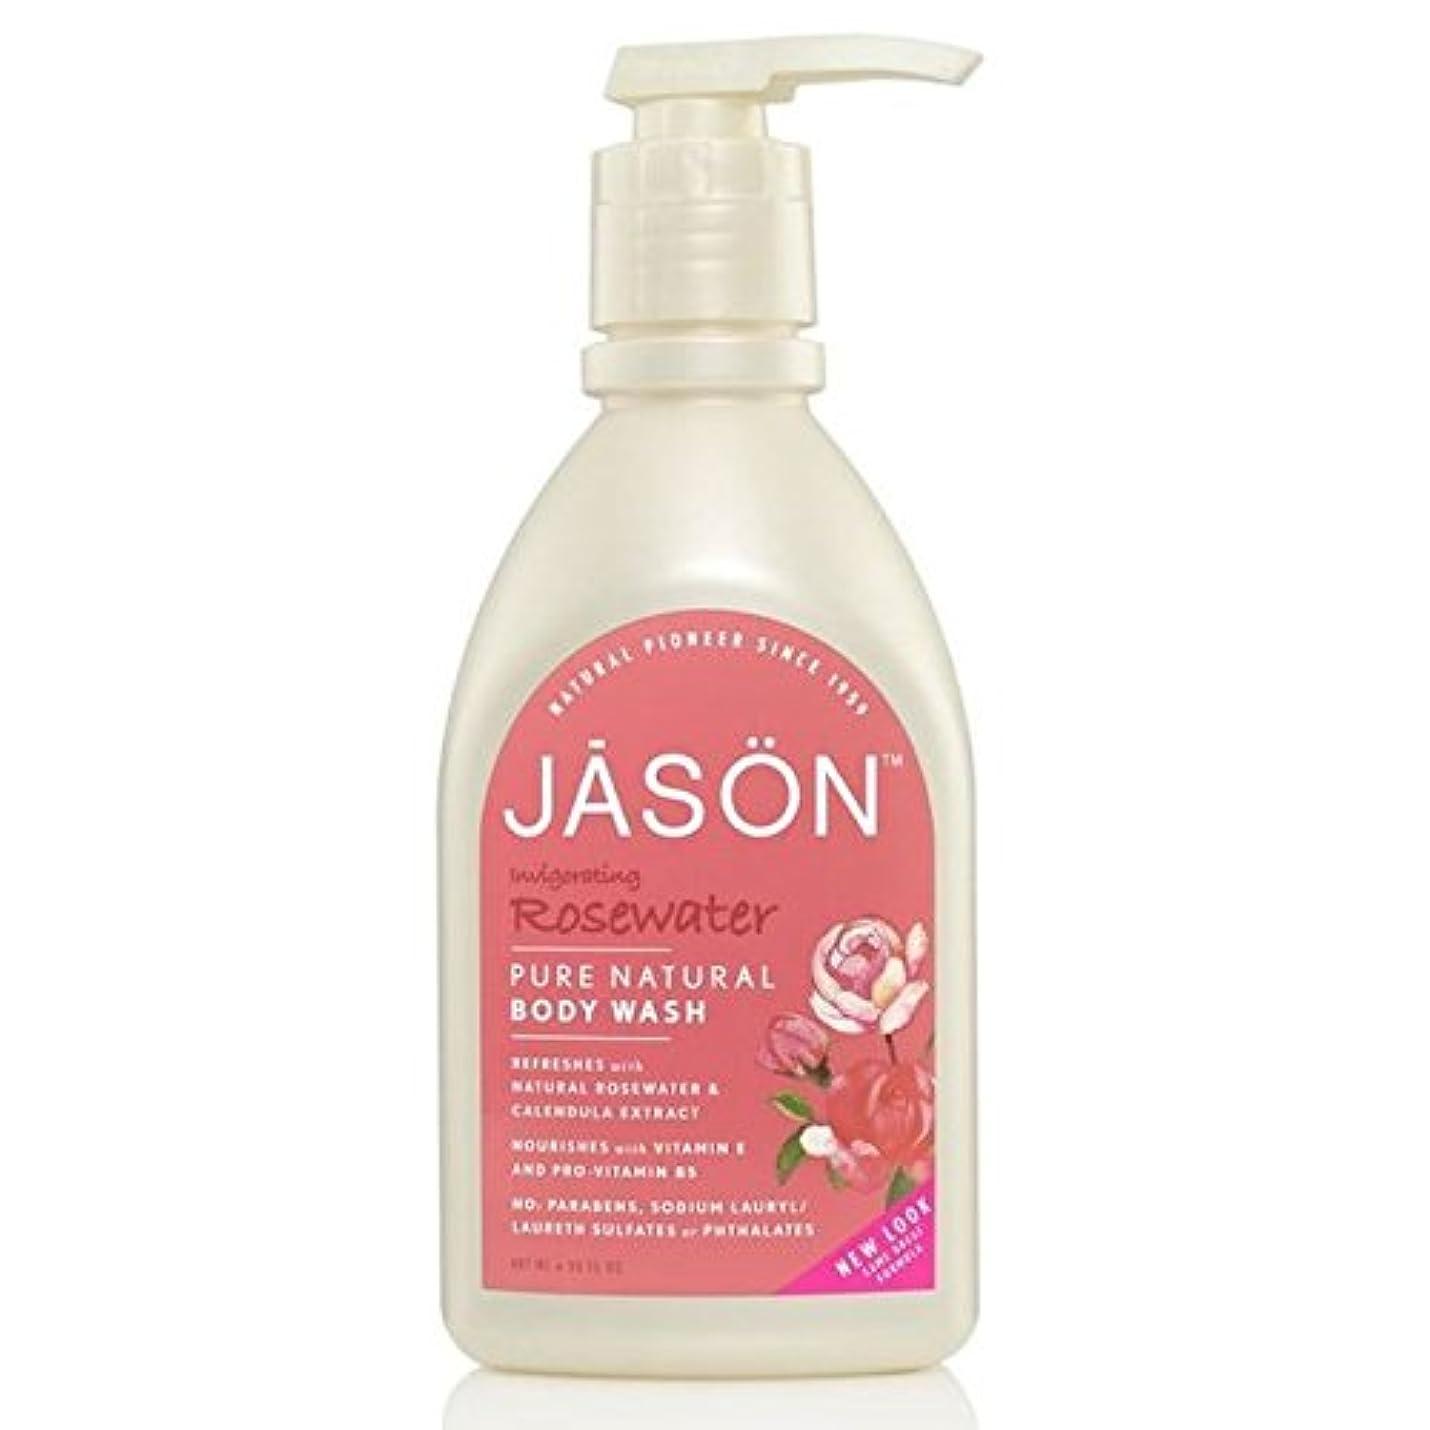 ピービッシュ先例廃棄ジェイソン?ボディウォッシュローズウォーターサテンシャワー900ミリリットル x2 - Jason Body Wash Rosewater Satin Shower 900ml (Pack of 2) [並行輸入品]